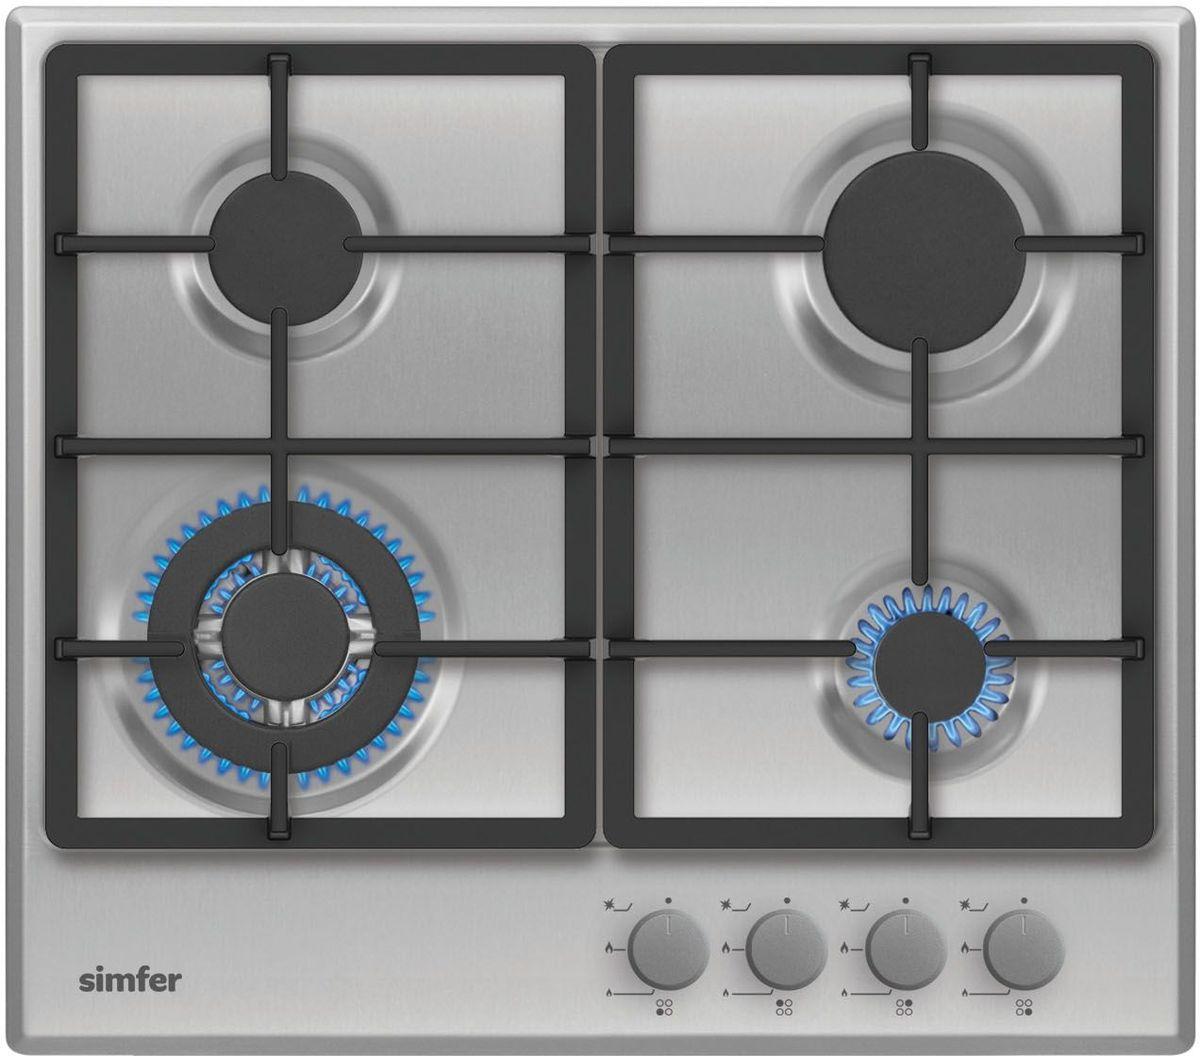 Simfer H60V41M511 панель варочная газоваяH60V41M511Газовая варочная панель Simfer H60V41M511 с чистым пламенем доведет вашу сковороду до нужной температуры без всяких задержек. Включите её и всё днище сковороды будет моментально нагрето.Благодаря идеальному расположению панели управления и индикатора уровня мощности прямо спереди этой варочной панели, любой повар, будь он левша или правша, сможет пользоваться ими с одинаковой лёгкостью.Газовая варочная поверхность Simfer H60V41M511 упрощает приготовление и делает его безопаснее благодаря особой форме подставок, обеспечивающих абсолютную устойчивость посуды.Нет способа быстрее и удобнее для того, чтобы разжечь конфорку, чем автоподжиг варочной панели. Просто поверните ручку, чтобы открыть и зажечь газ одним плавным движением.